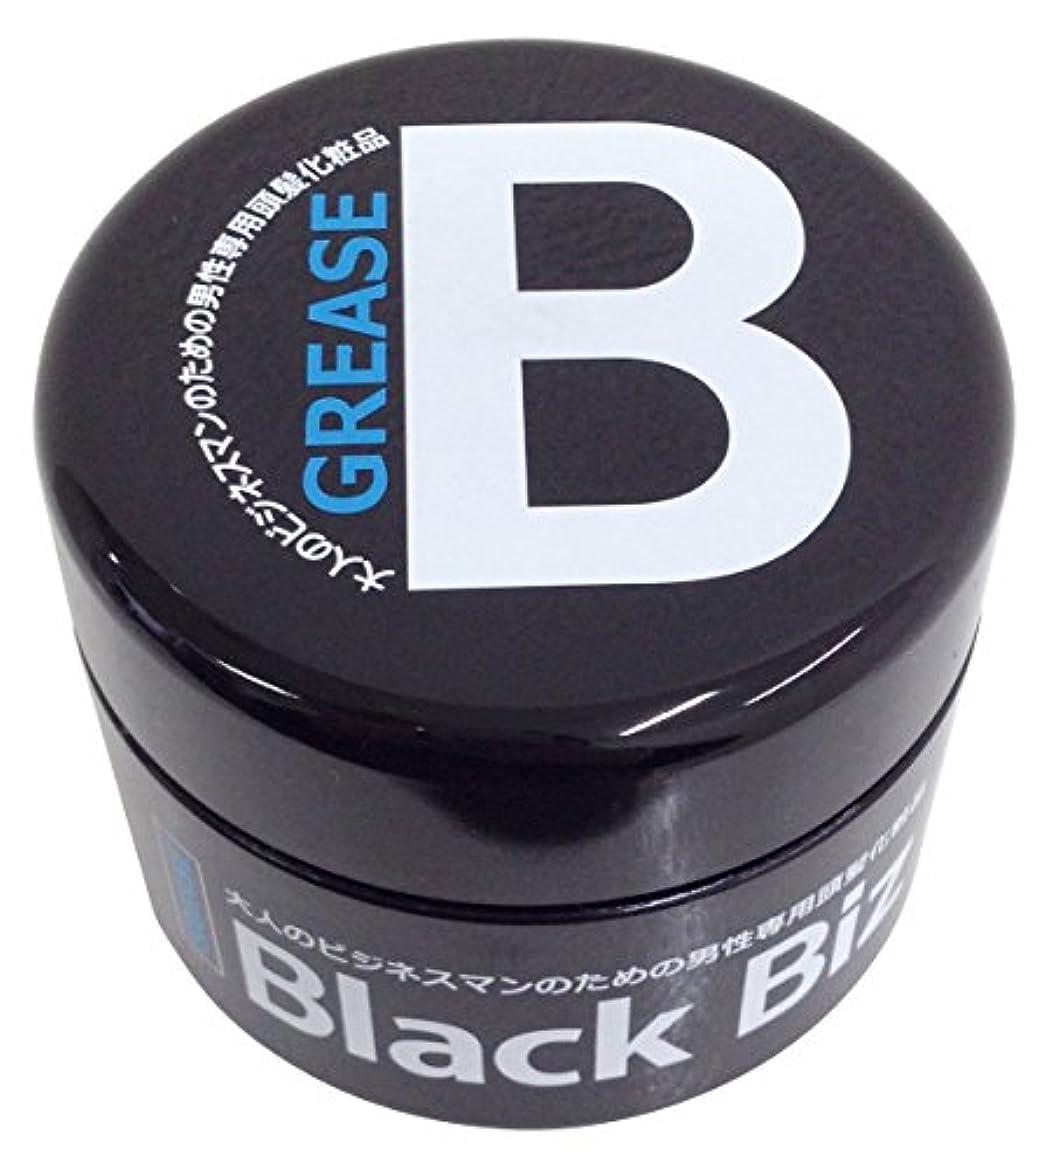 テキスト肺荒廃する大人のビジネスマンのための男性専用頭髪化粧品 BlackBiz GREASE SOFT ブラックビズ グリース ソフト